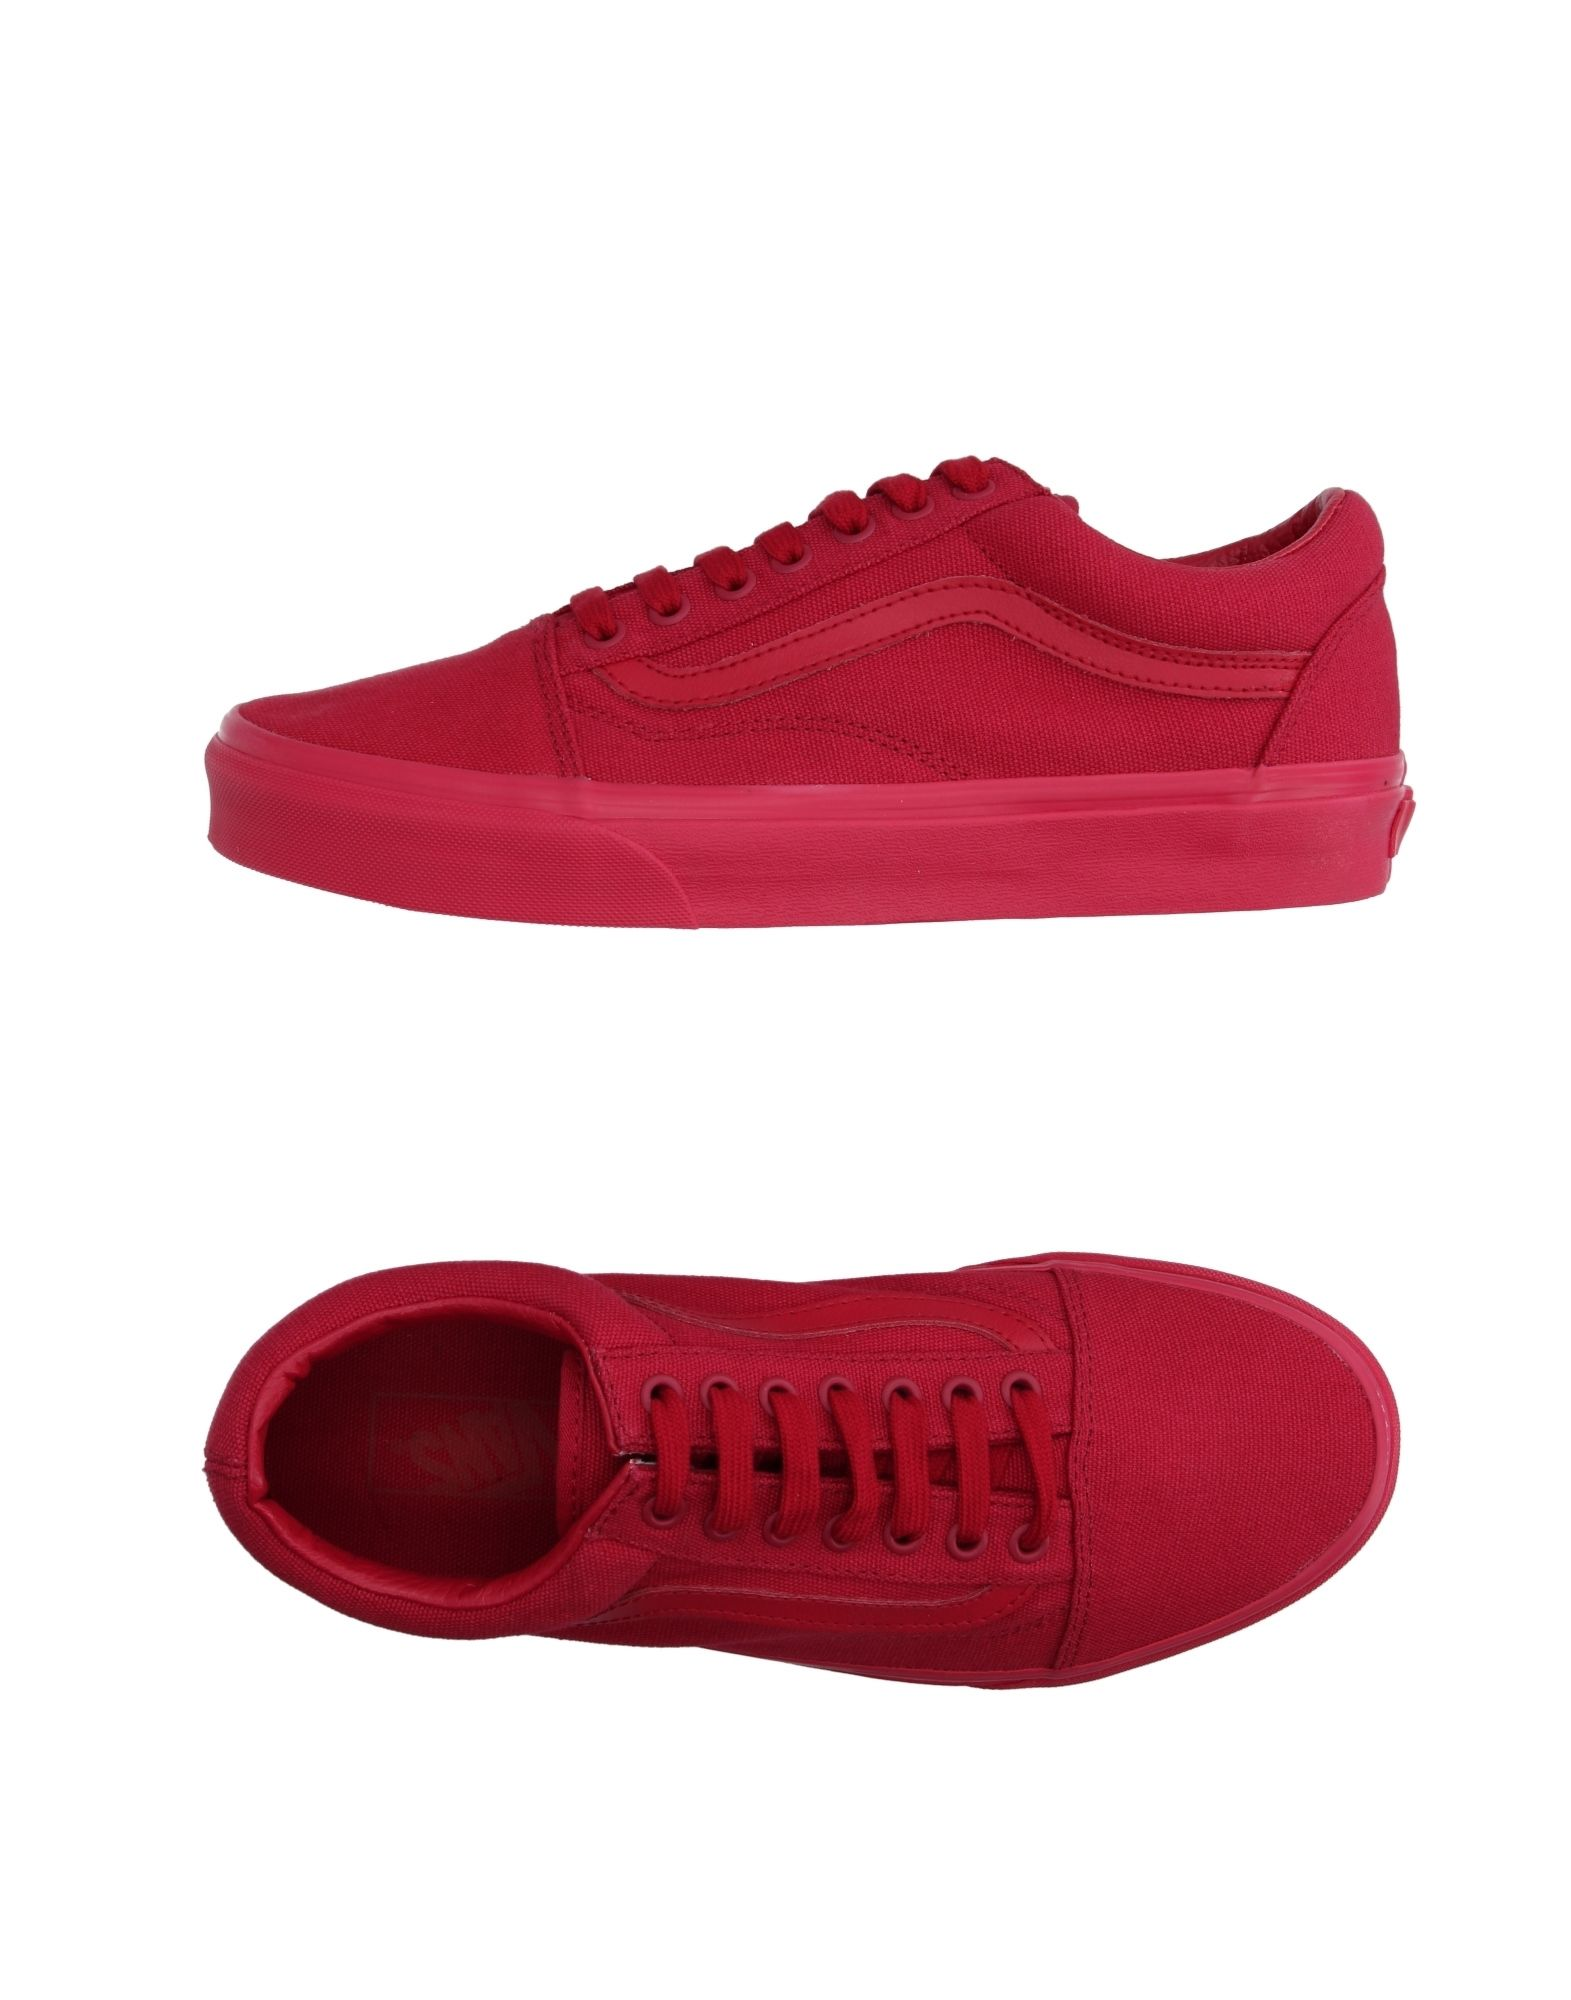 Rabatt Herren echte Schuhe Vans Sneakers Herren Rabatt  11109967WQ 646169